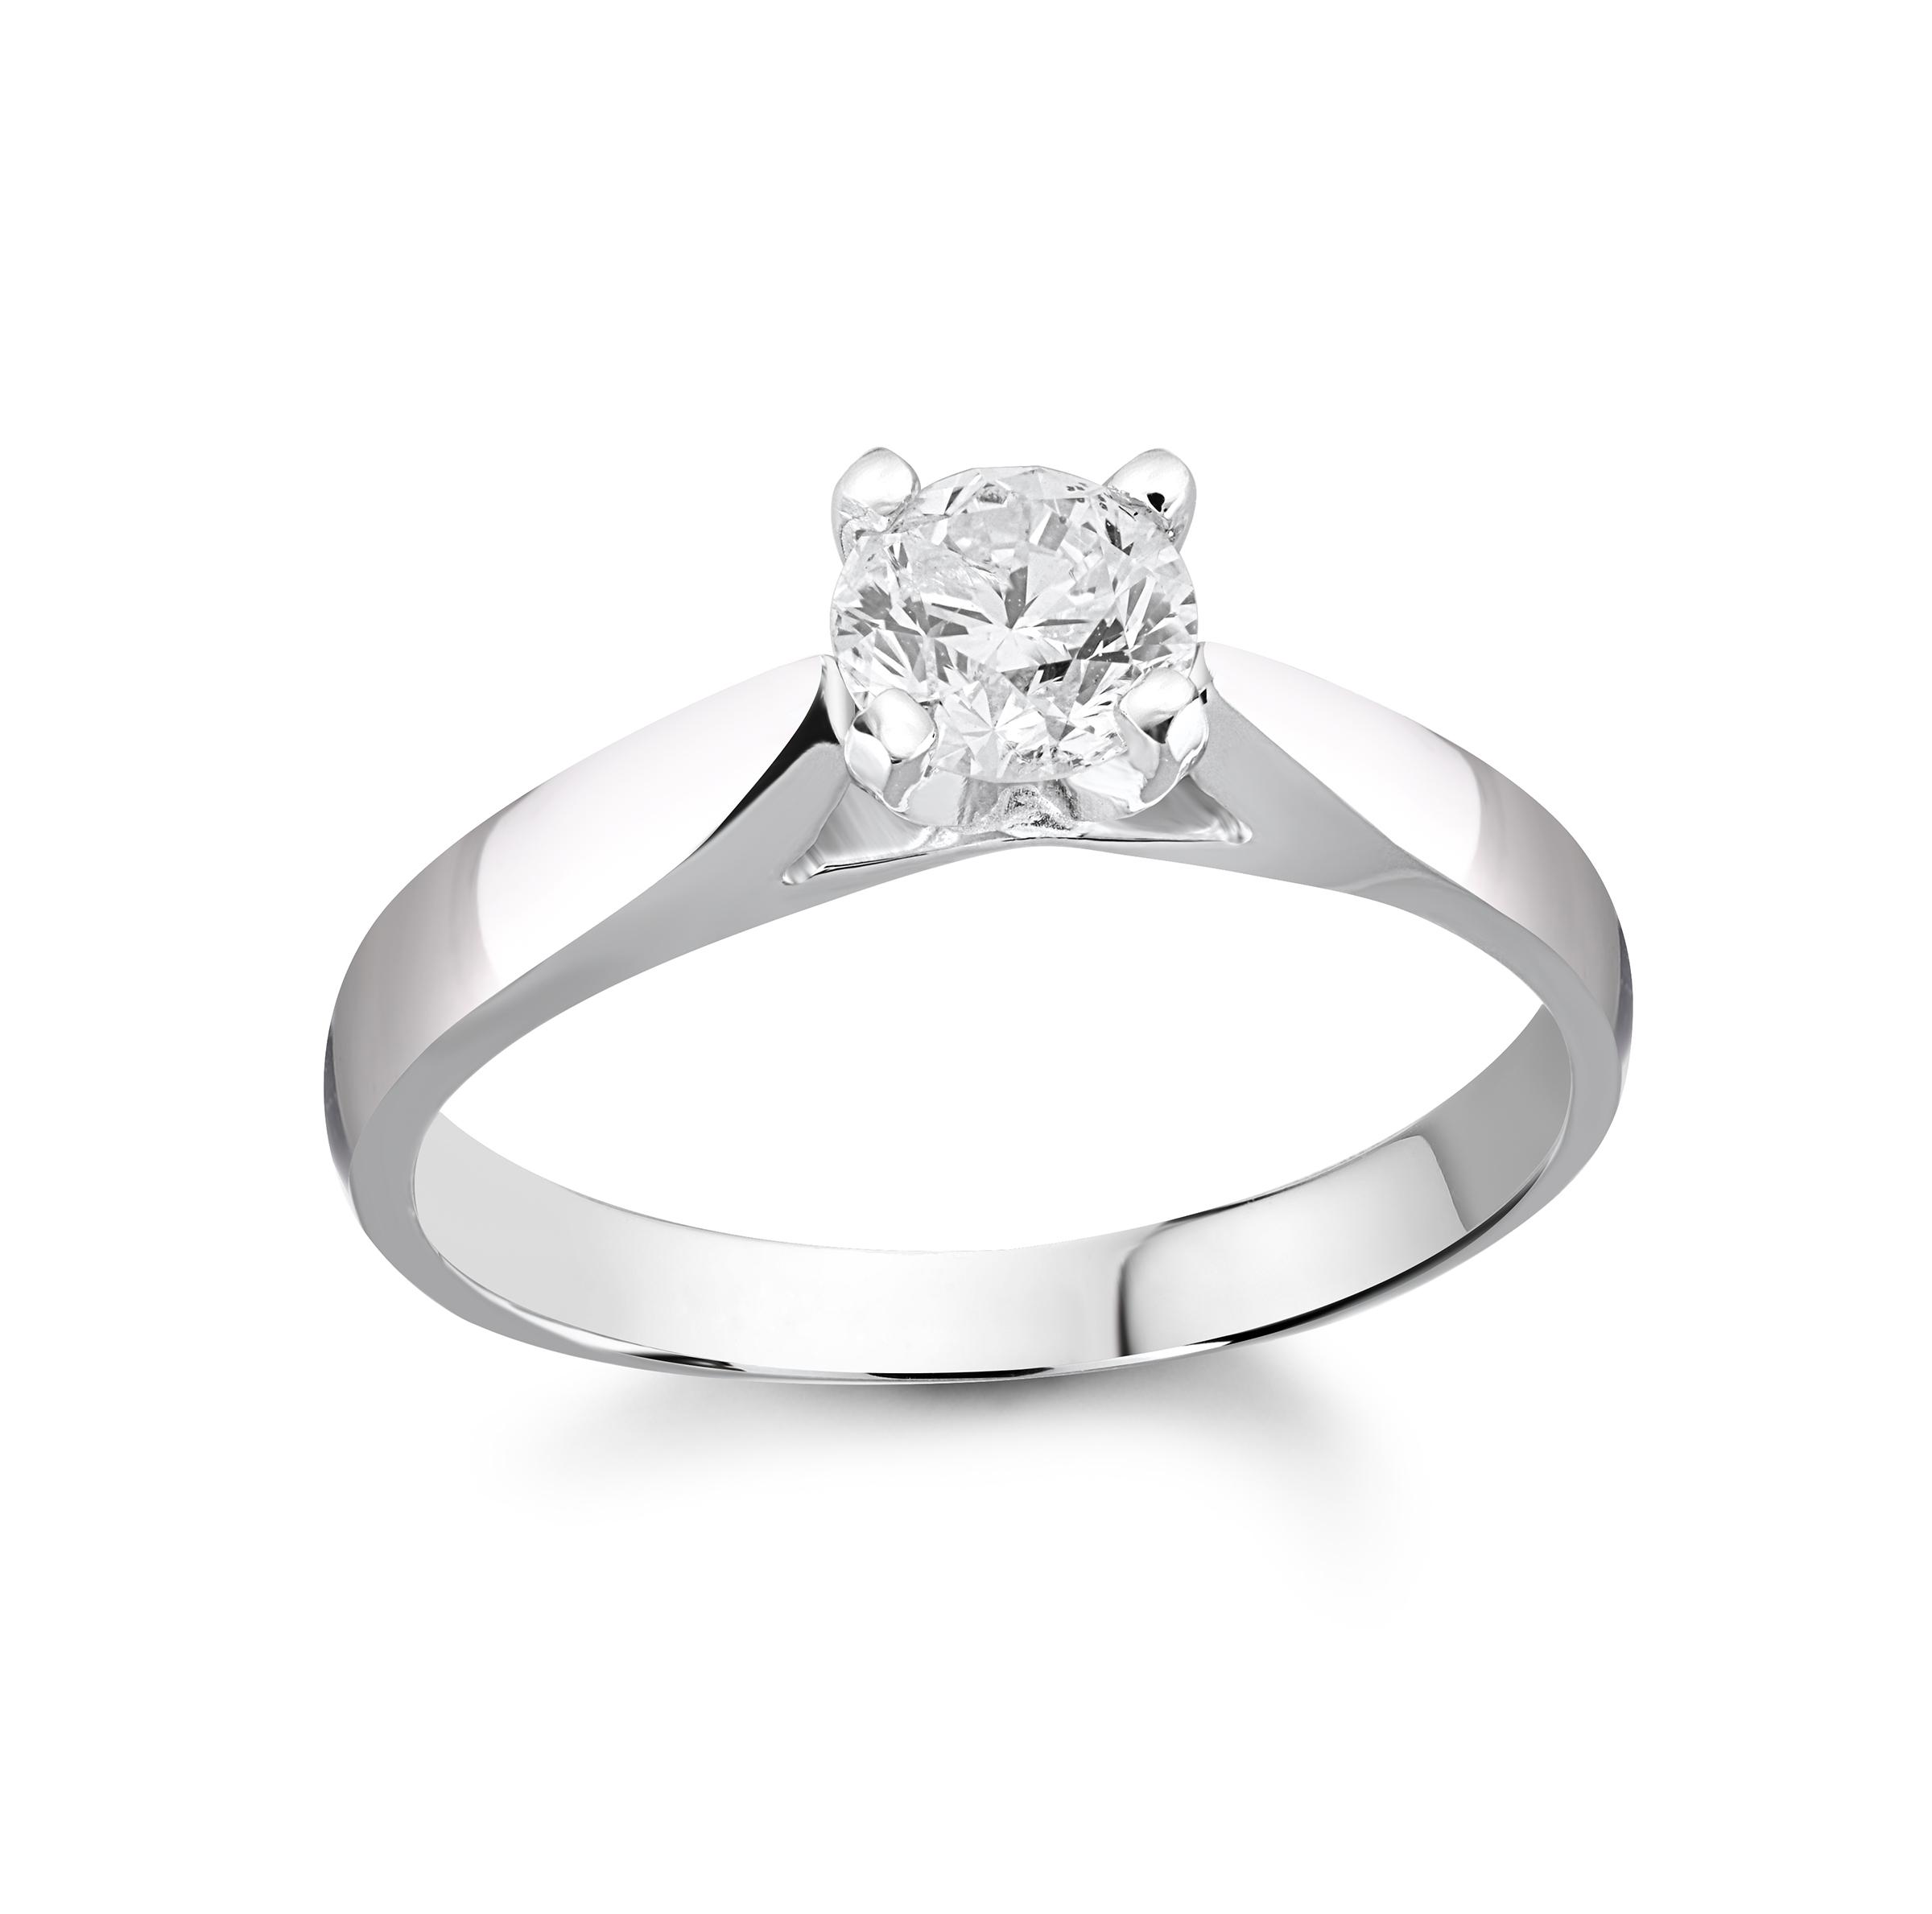 Bague de fiançailles - Or blanc 14K & Diamant solitaire de 1.00 Carat